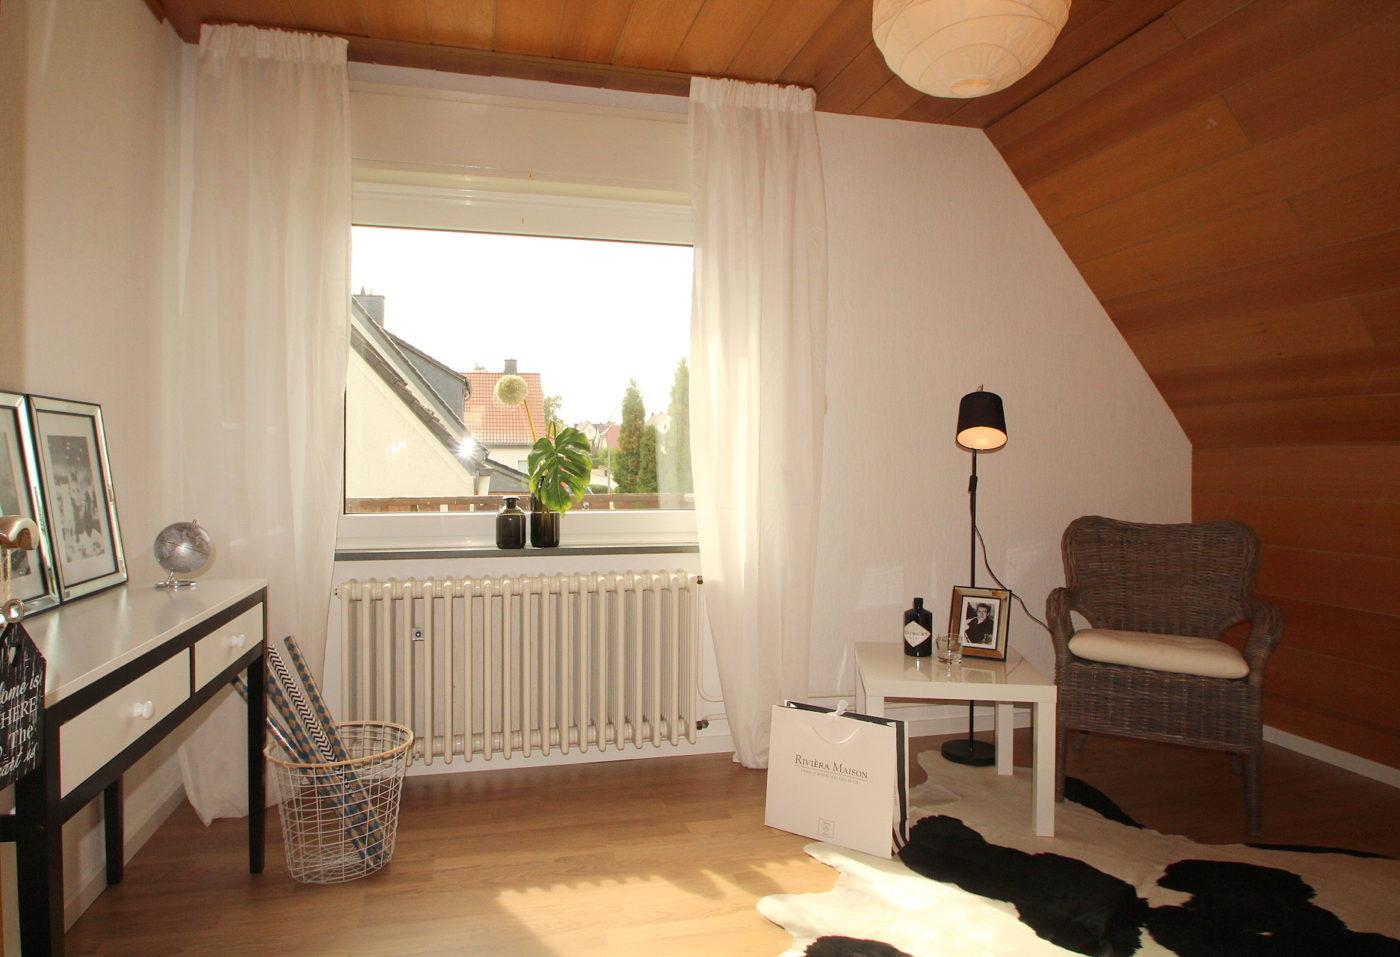 Blickfang Homestaging - Häuser optisch aufbereiten und zum Bestpreis verkaufen - Immobilien erfolgreich verkaufen